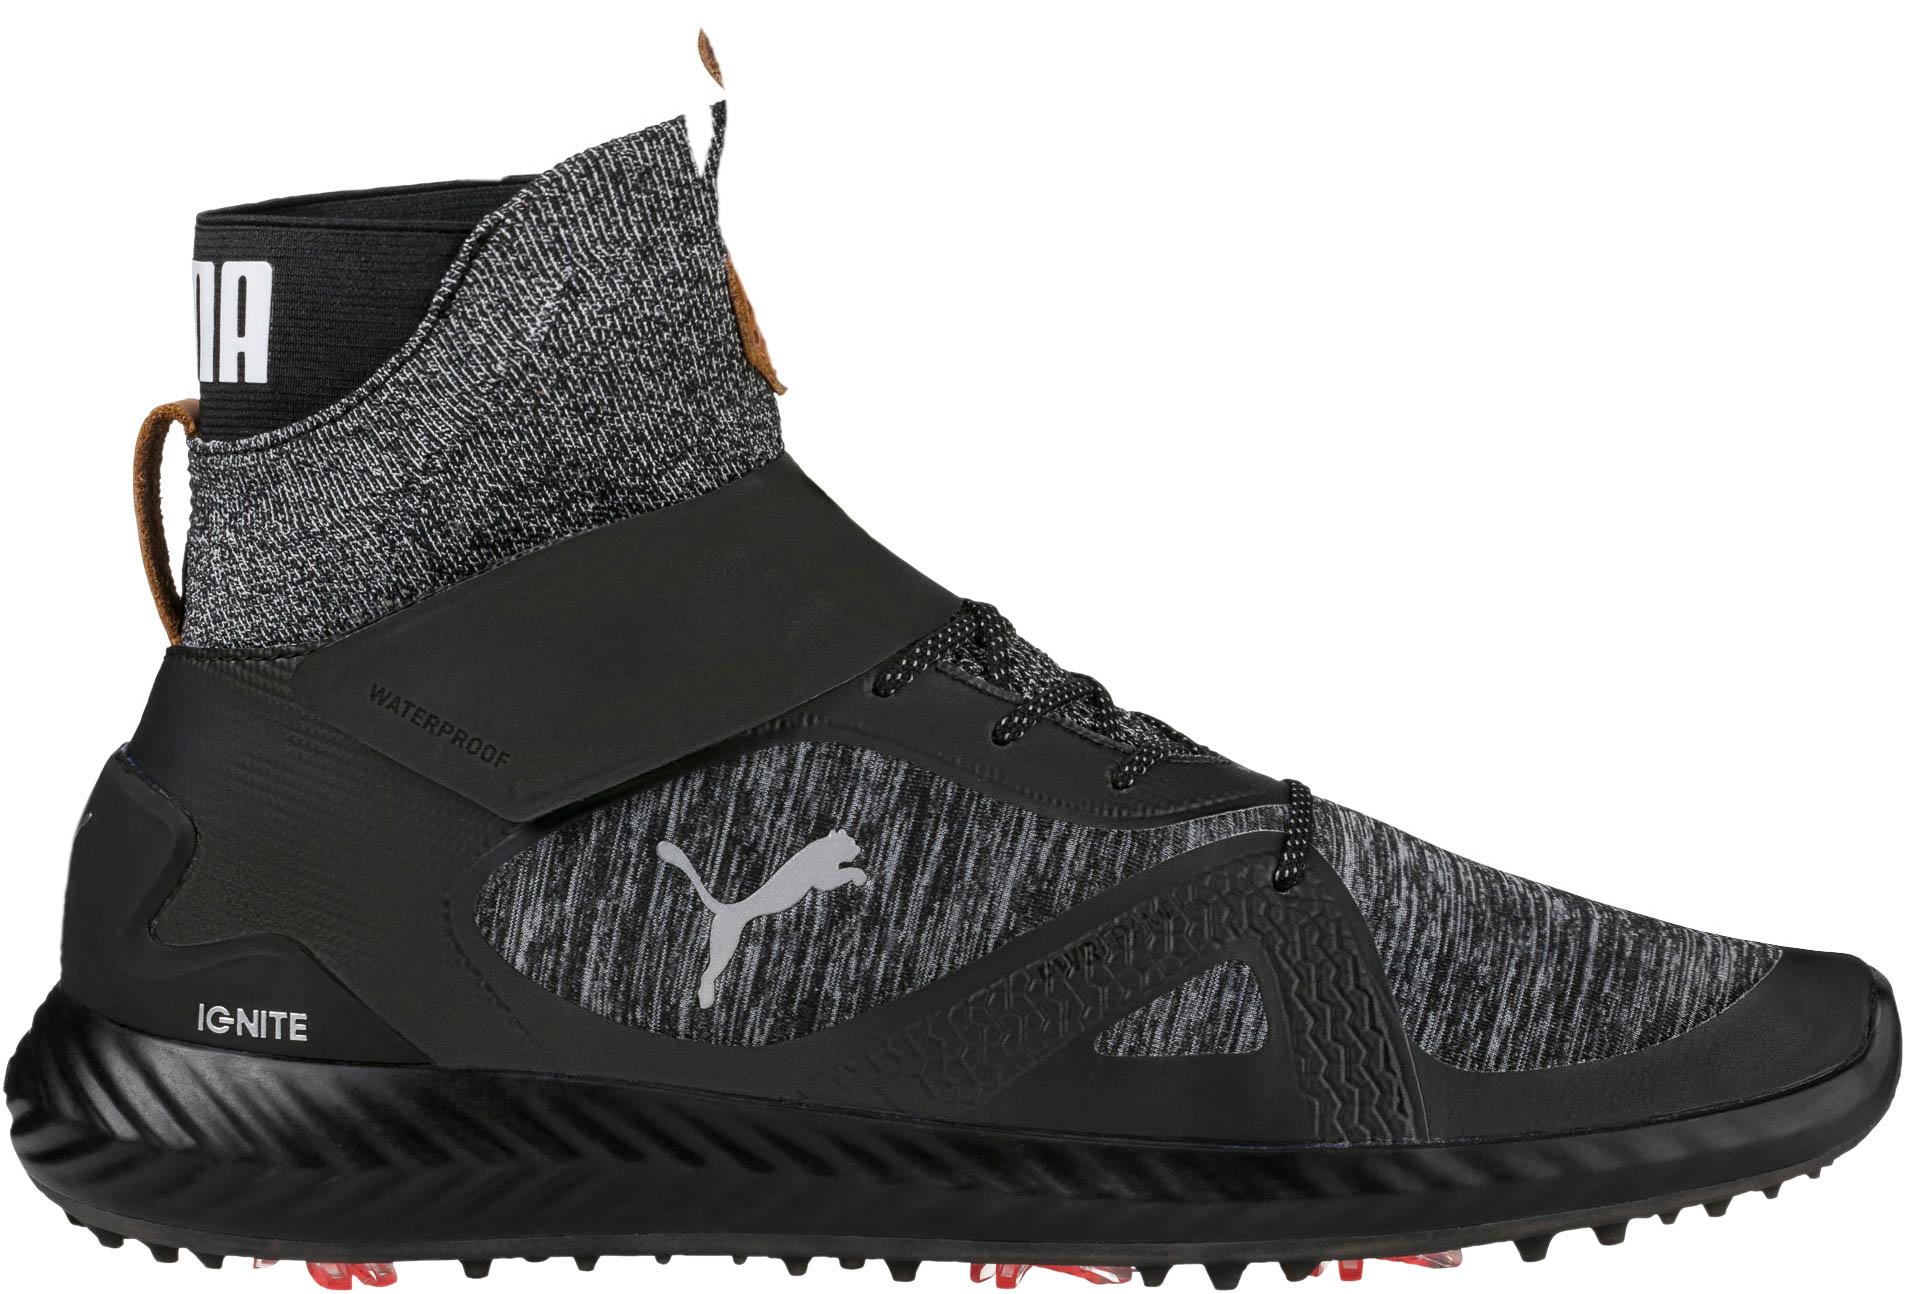 Schuhe für den Golfplatz